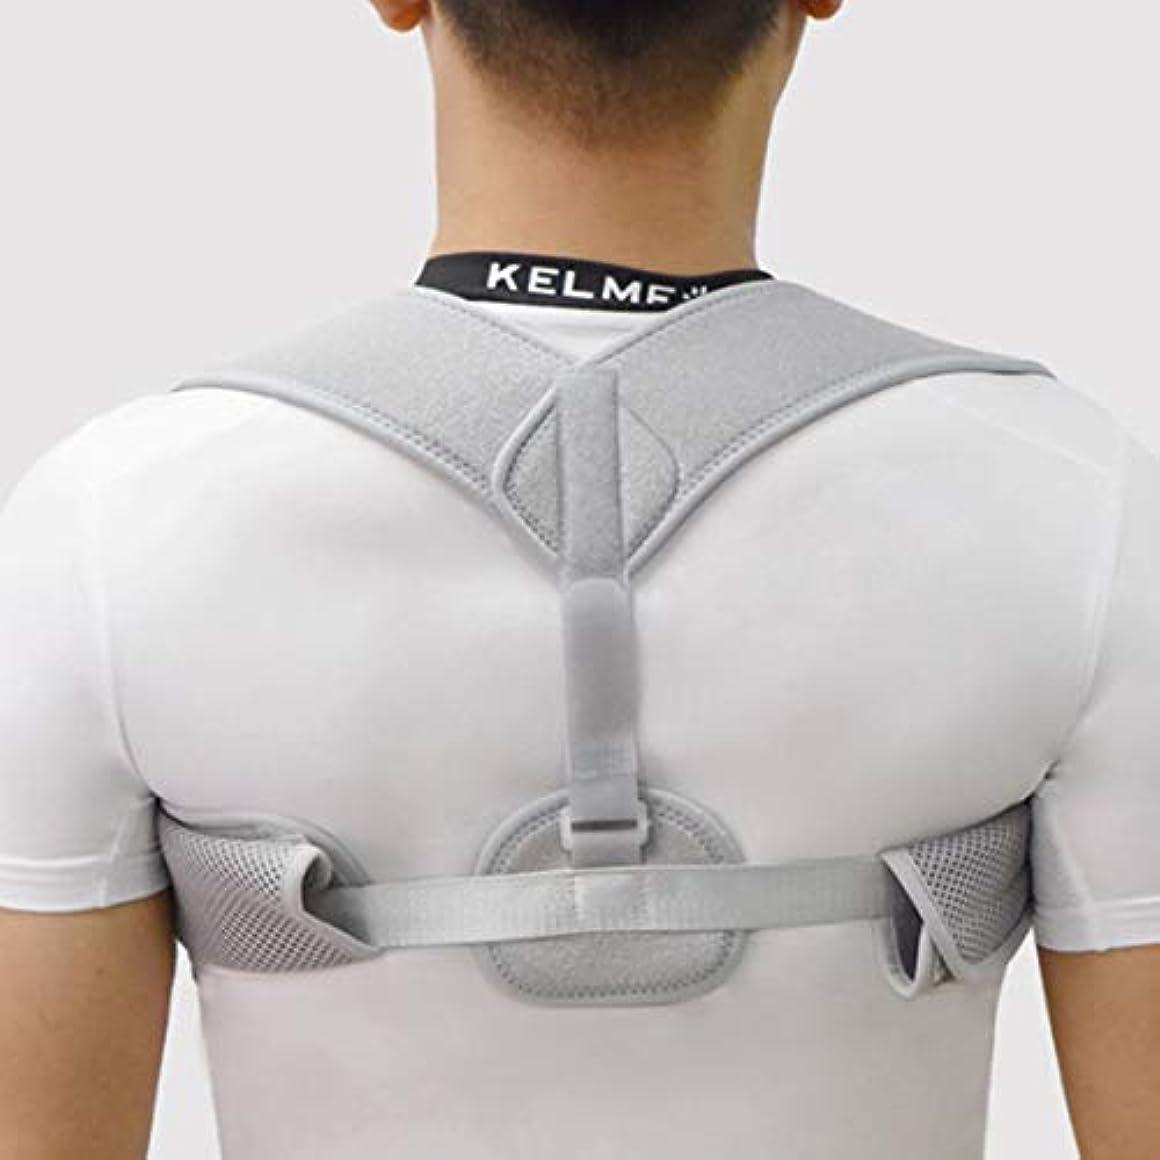 完全に乾く全能重要な新しいアッパーバックポスチャーコレクター姿勢鎖骨サポートコレクターバックストレート肩ブレースストラップコレクター耐久性 - グレー